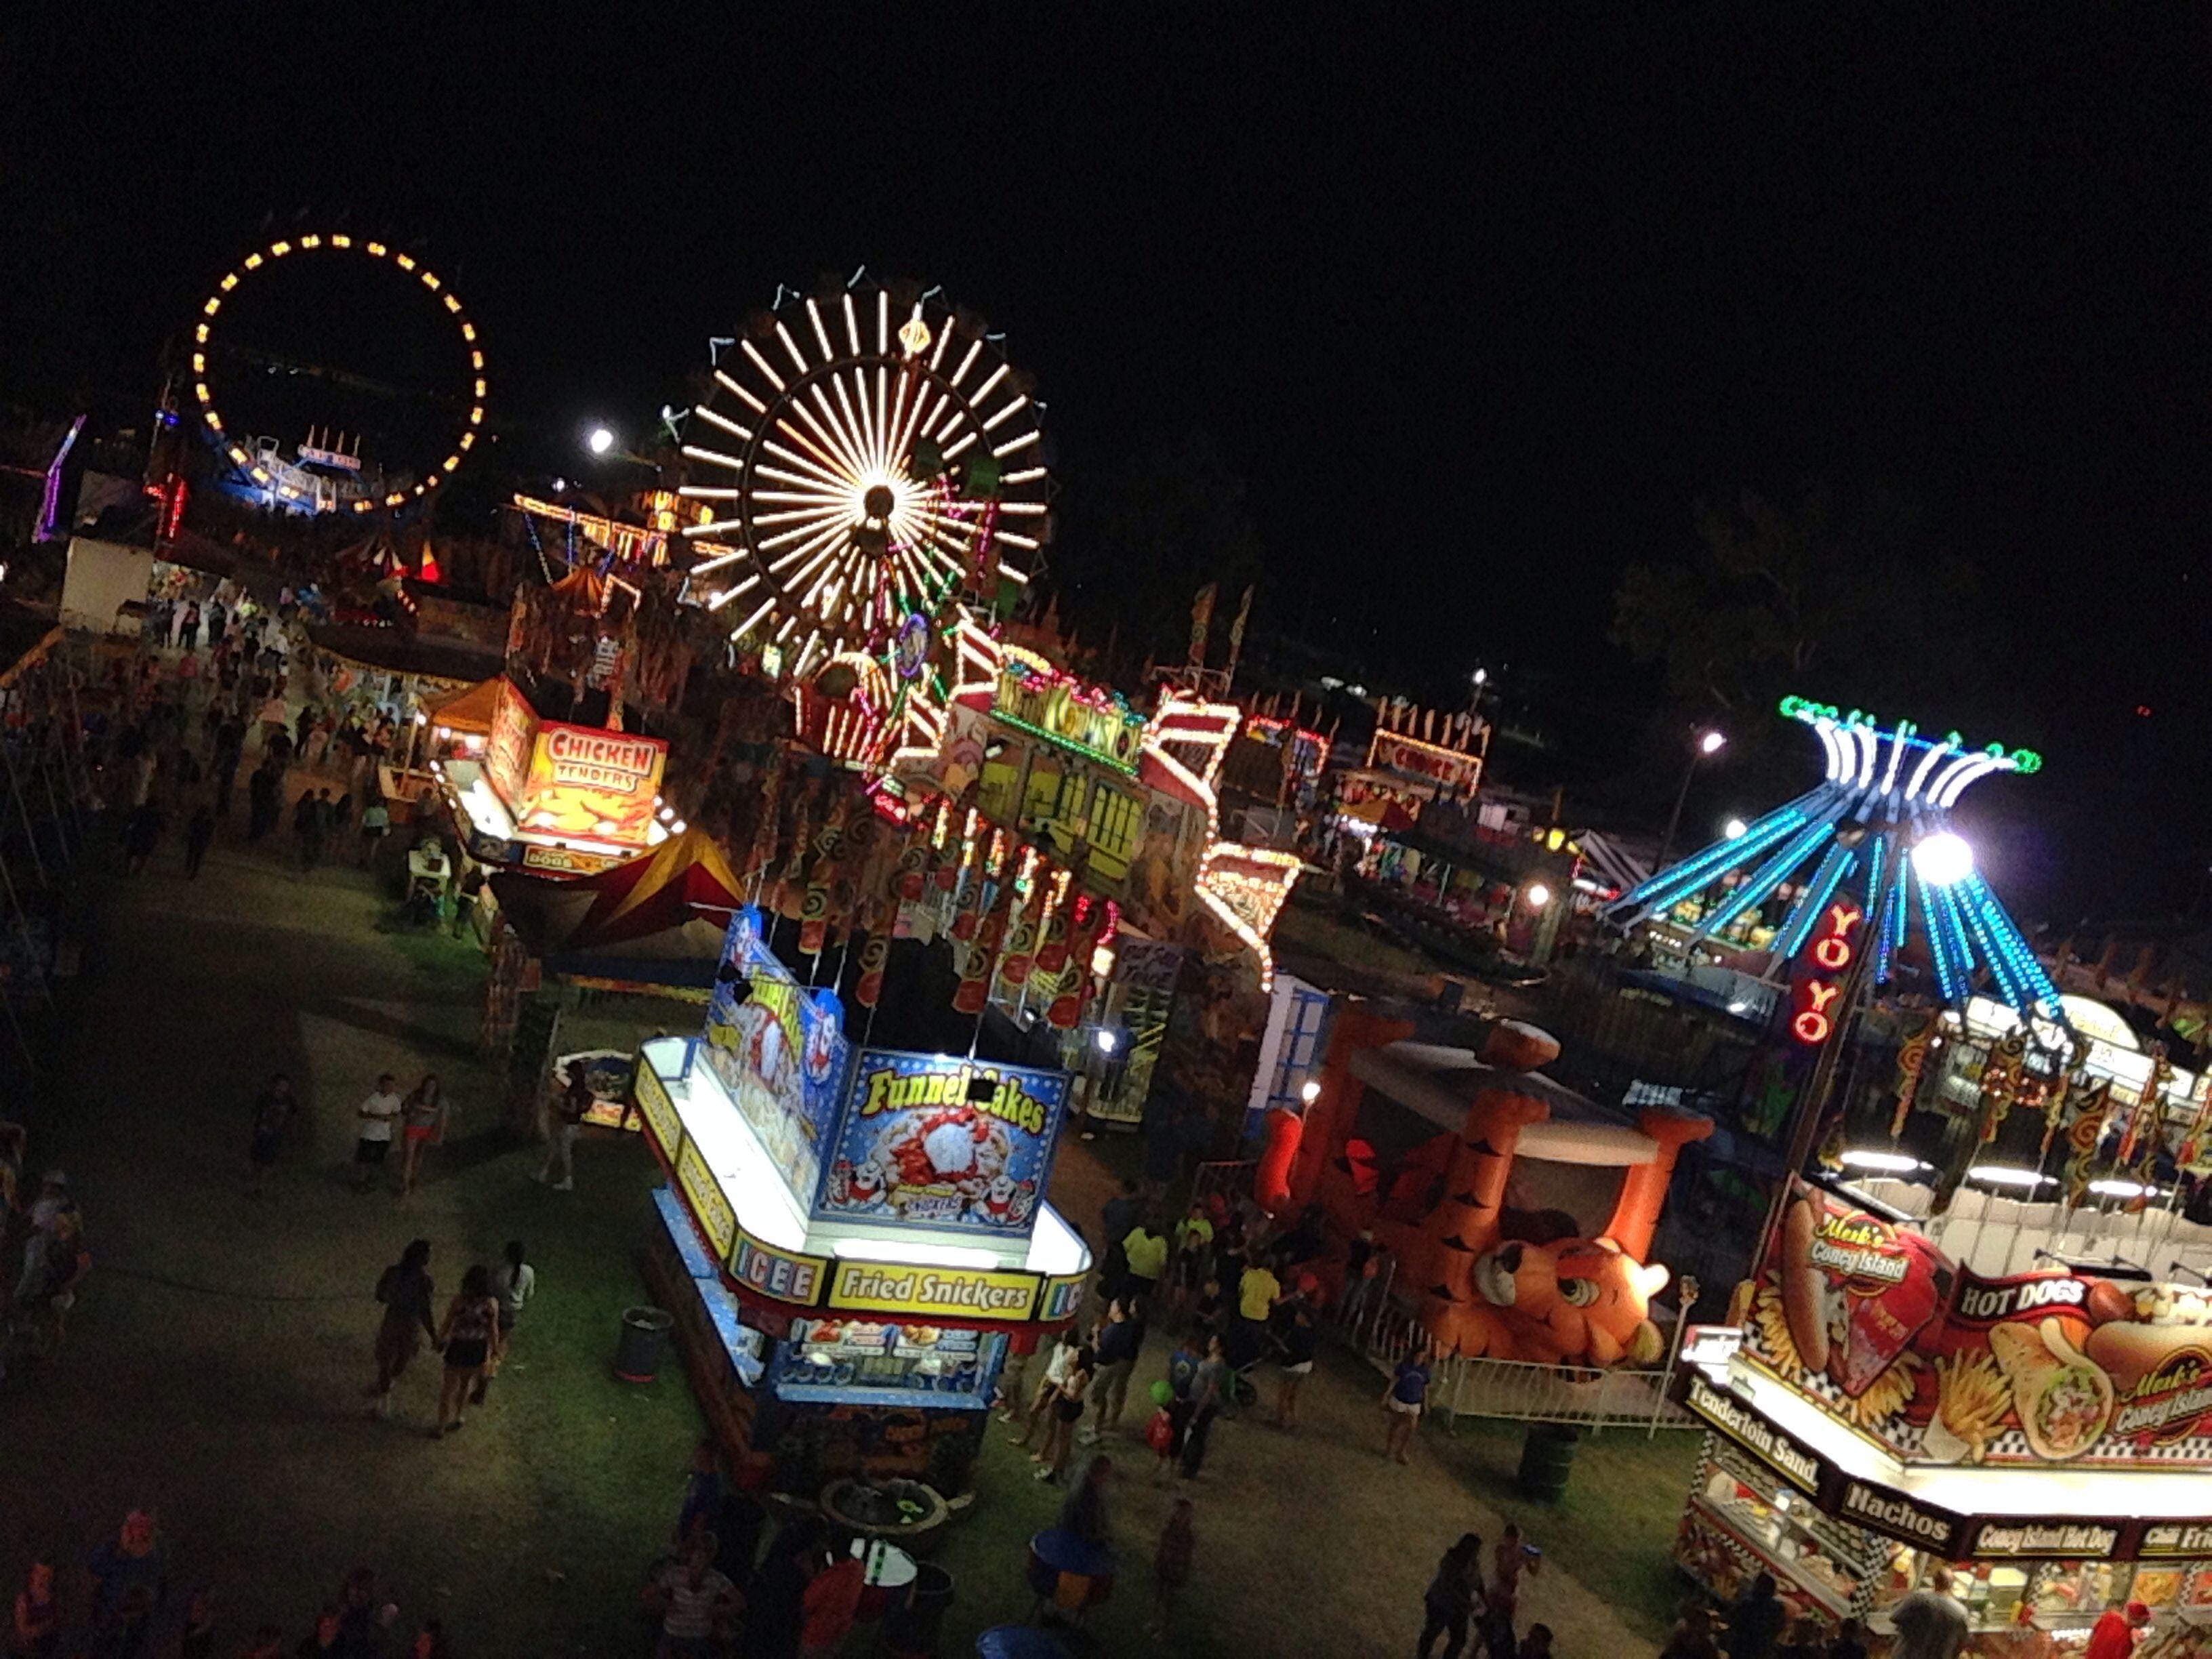 Illinois boone county belvidere - Boone County Fair Belvidere Il